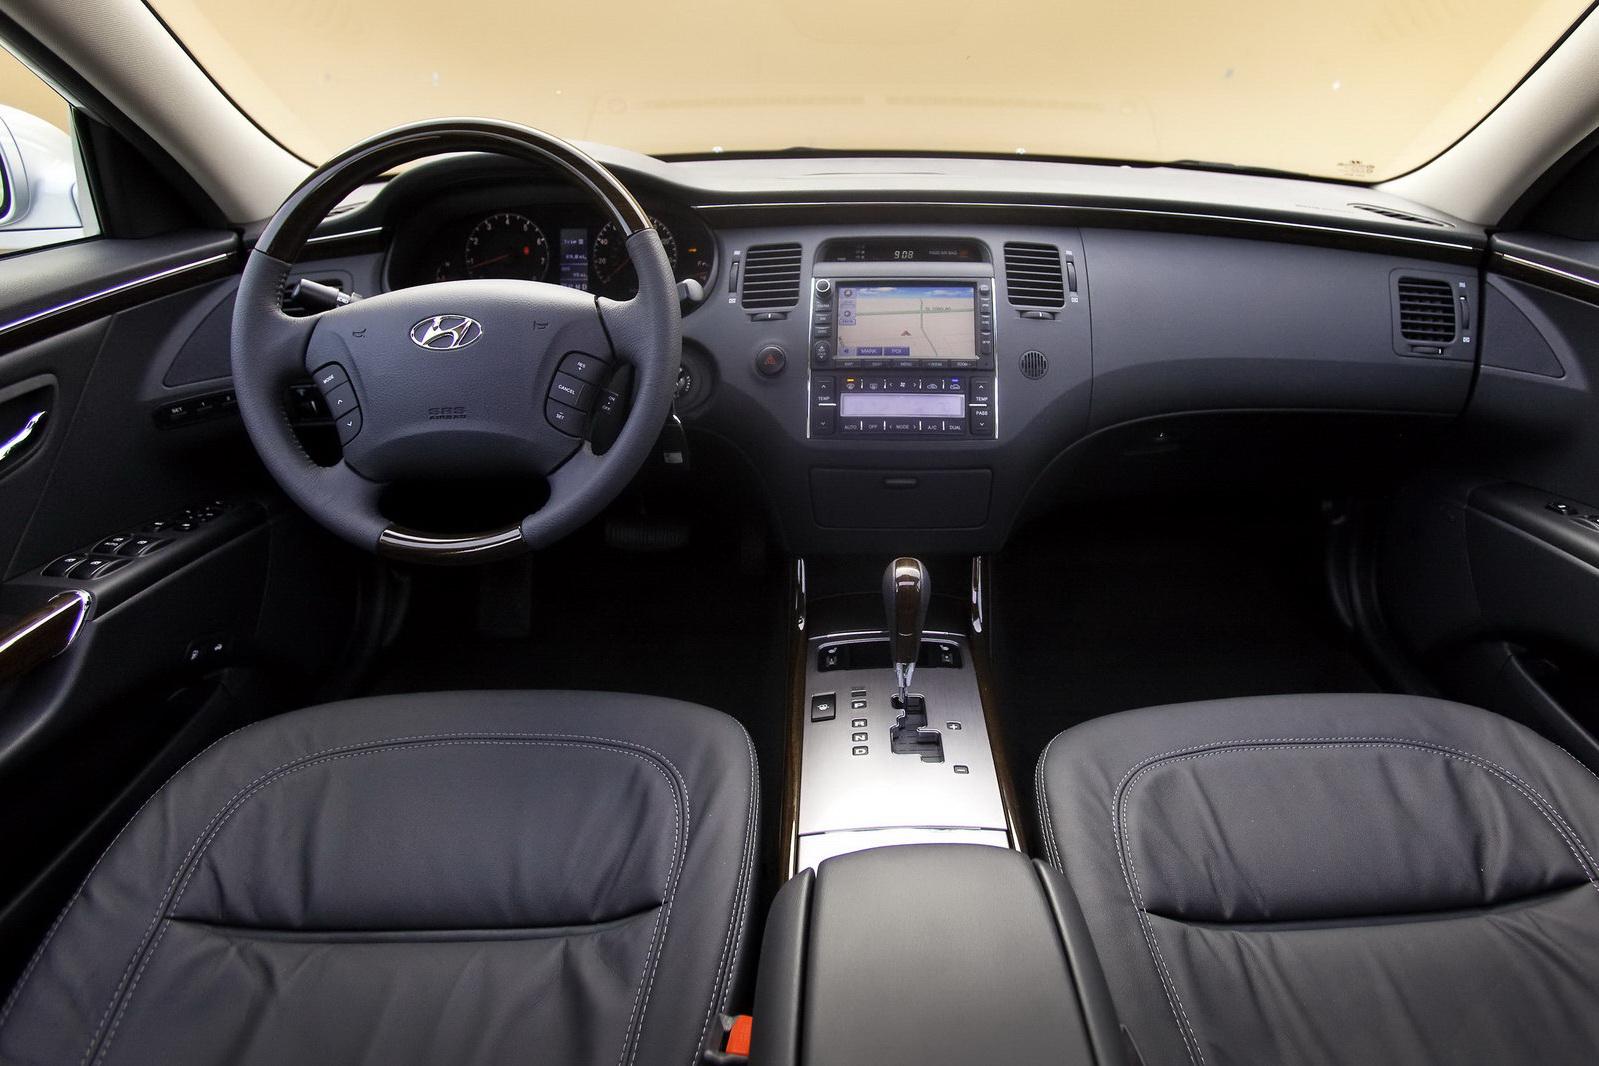 2008 Hyundai Azera Image 17